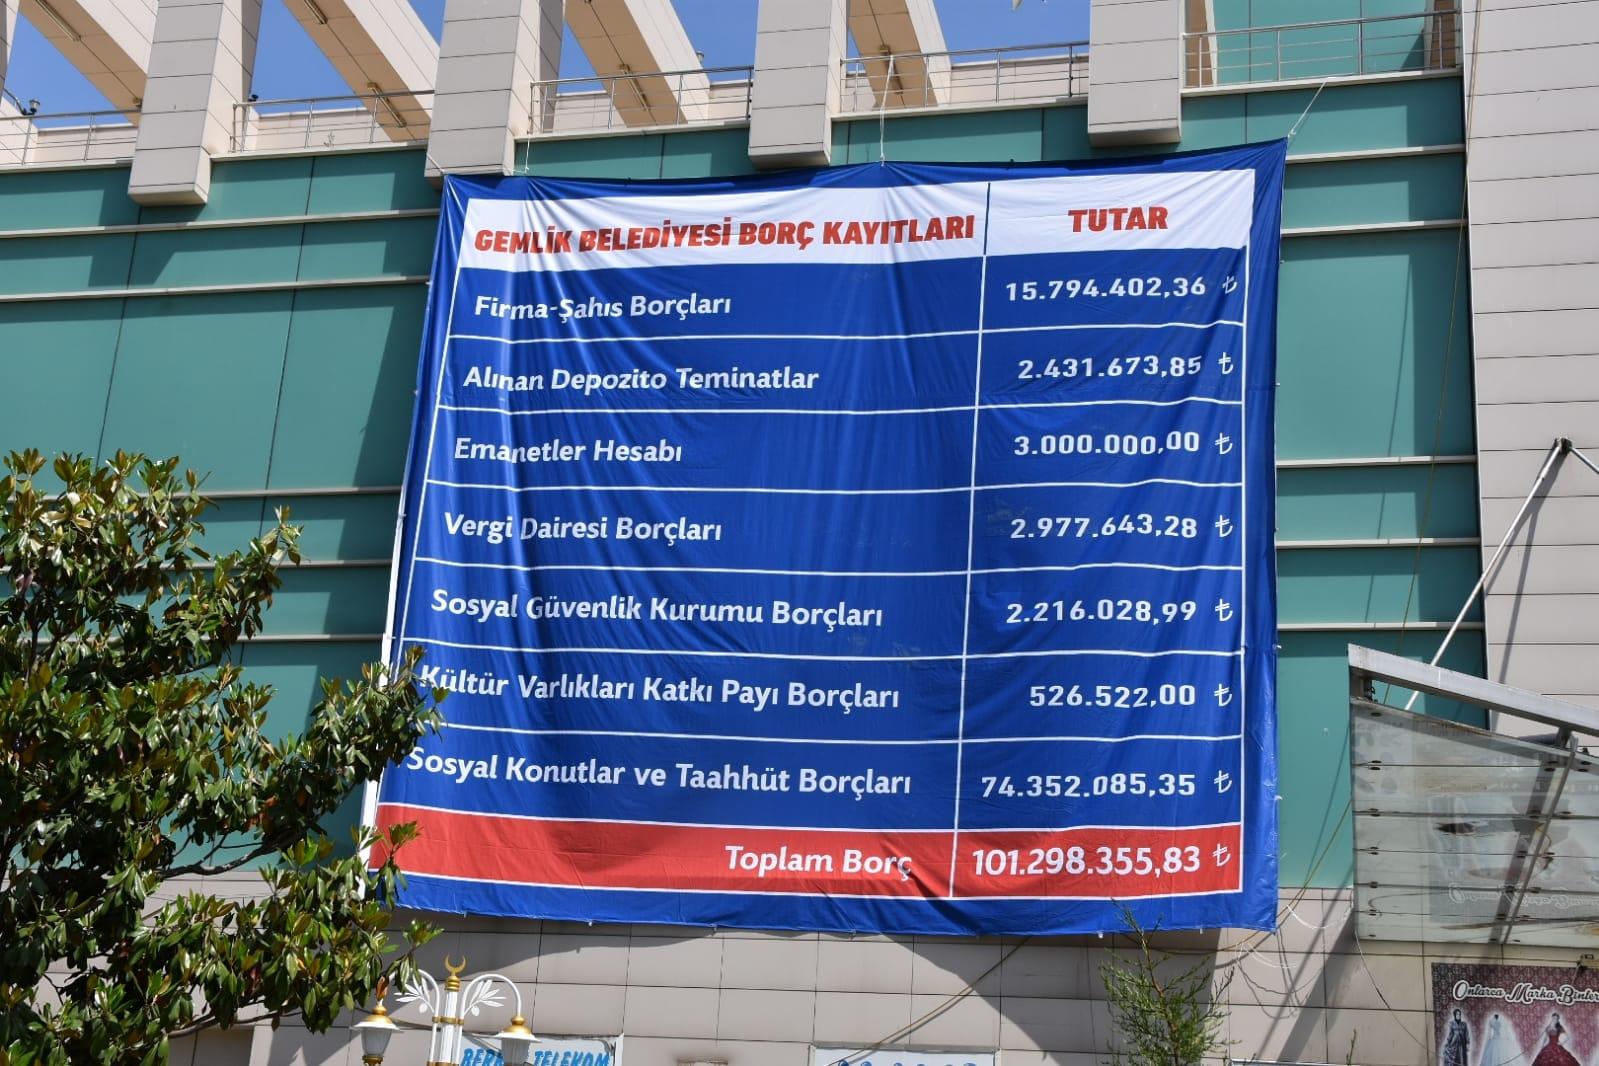 Gemlik Belediyesi Borçlarını Vatandaşlara Duyurdu